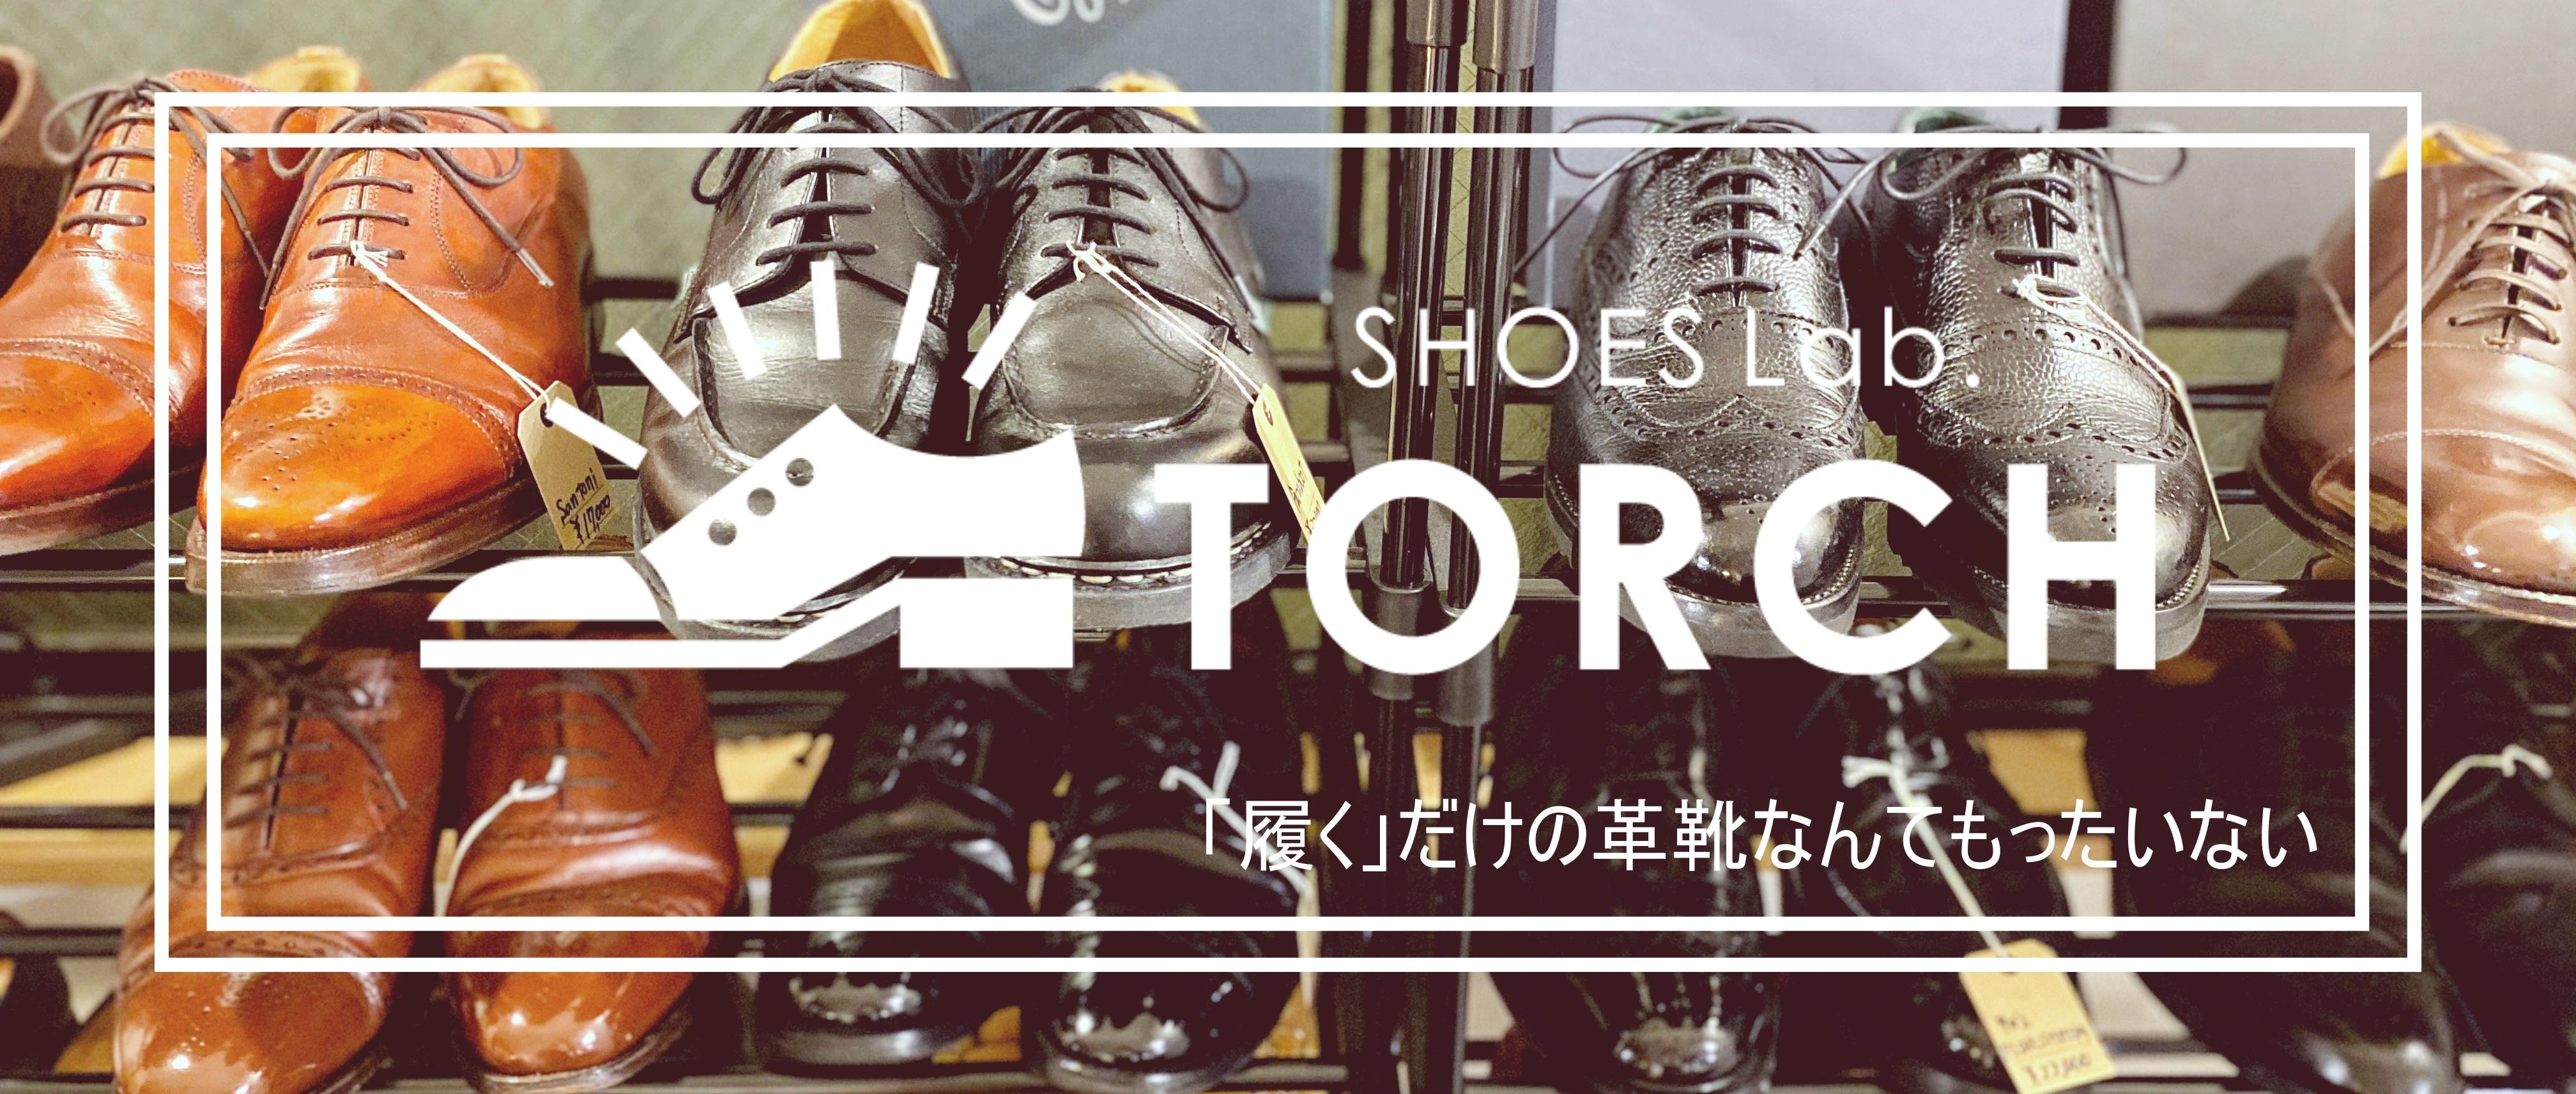 中古革靴販売|【SHOESLab. TORCH(シューズラボトーチ)】